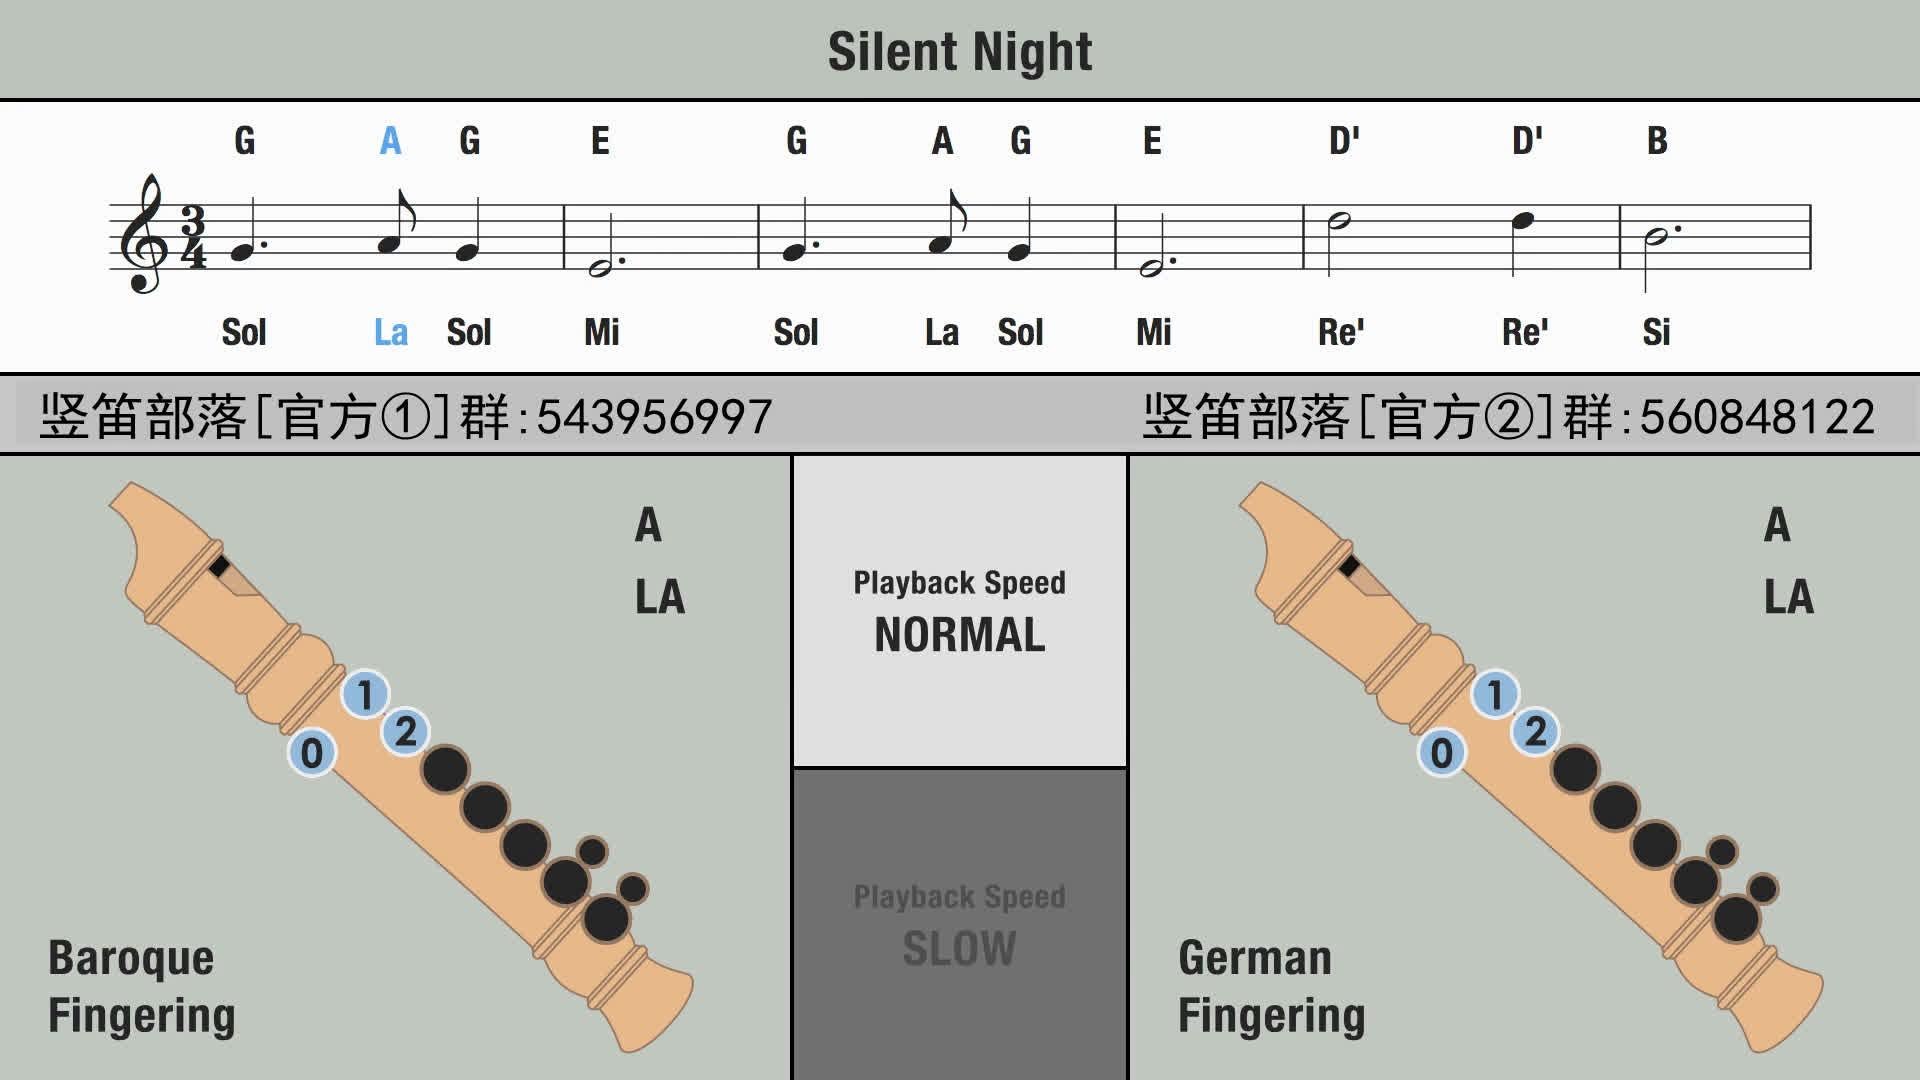 六孔竖笛教学_【竖笛教学】Silent Night_哔哩哔哩 (゜-゜)つロ 干杯~-bilibili